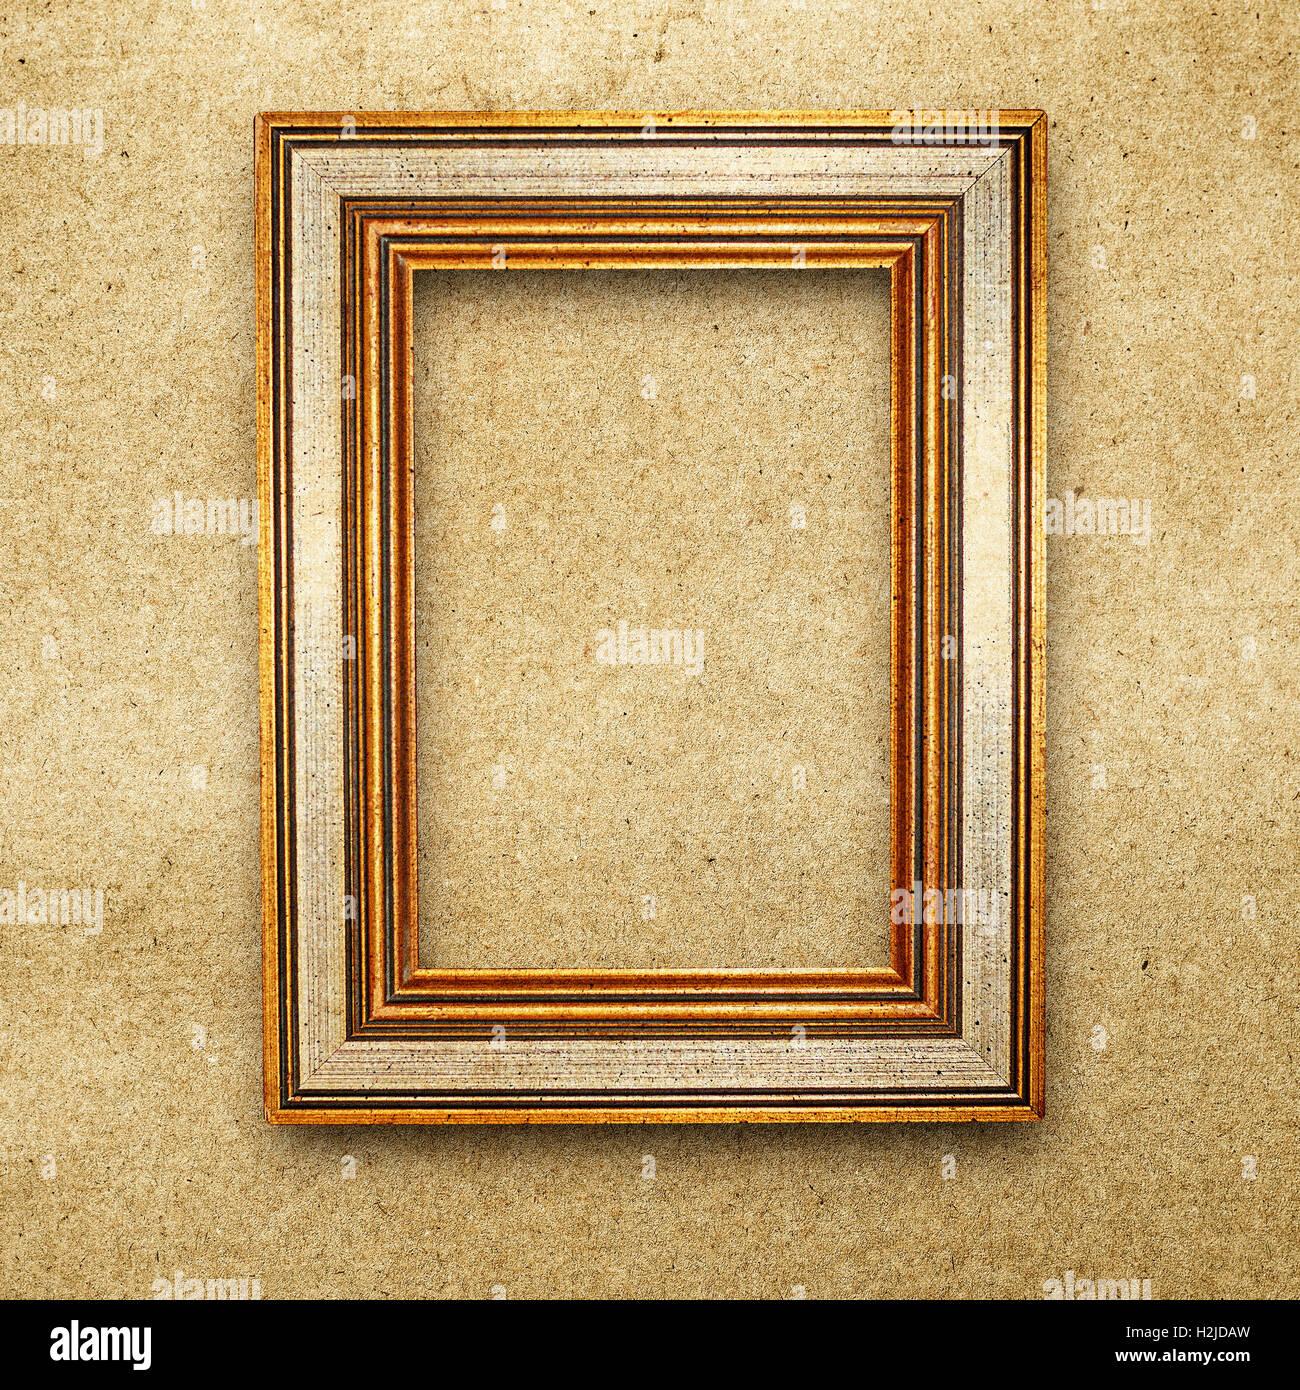 Vintage Holz-Rahmen-Hintergrund auf Grunge Papierstruktur Stockfoto ...